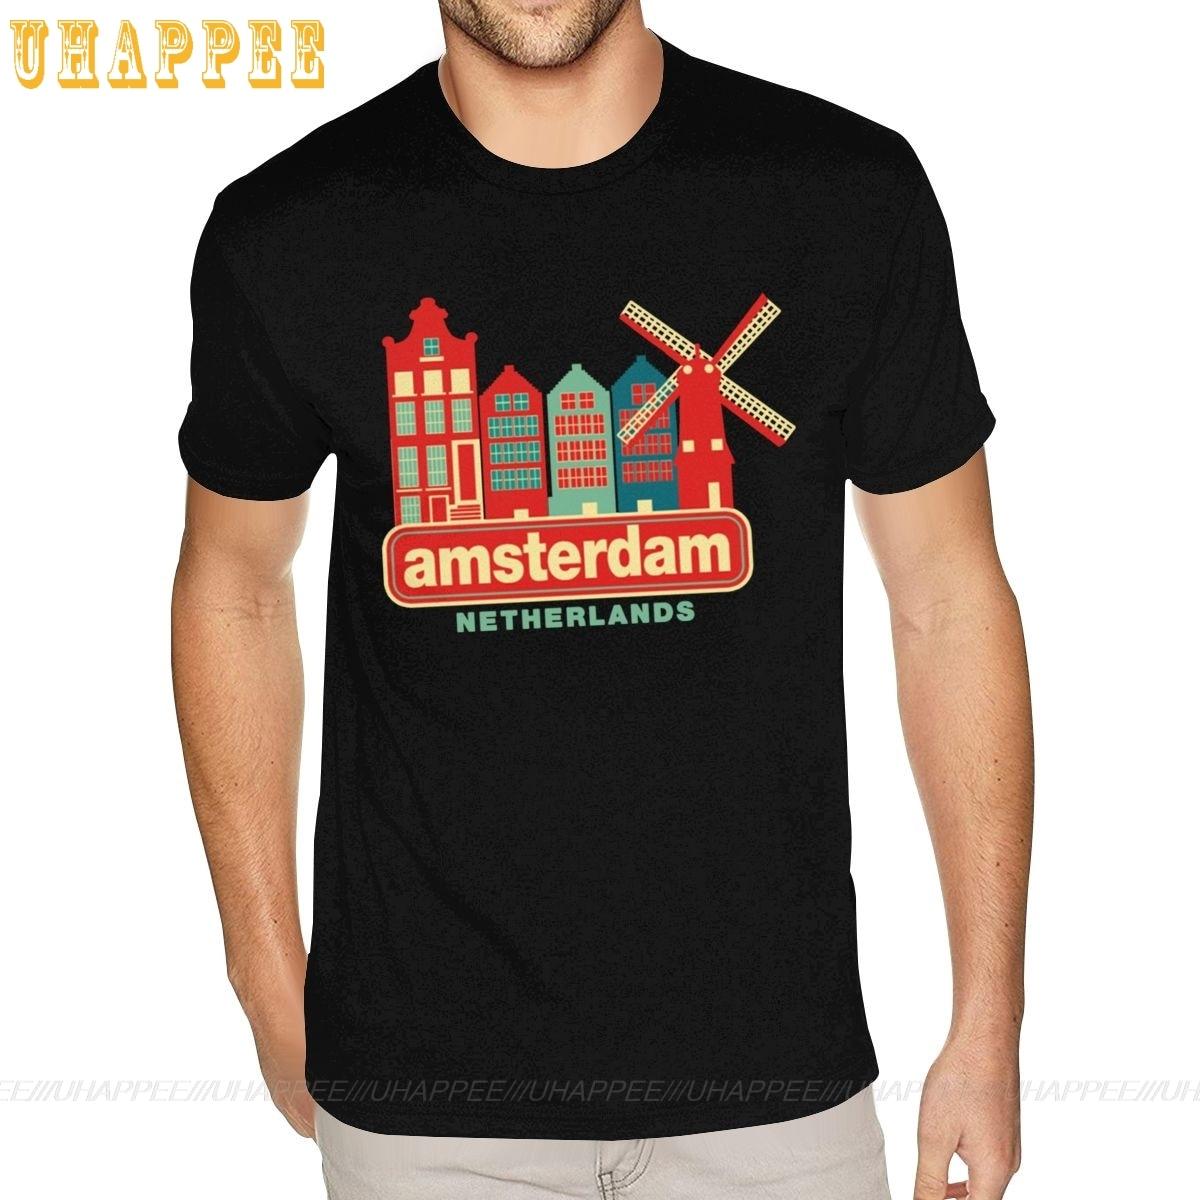 Vintage Amsterdam Países Bajos algodón S-6XL para hombres camisetas únicas